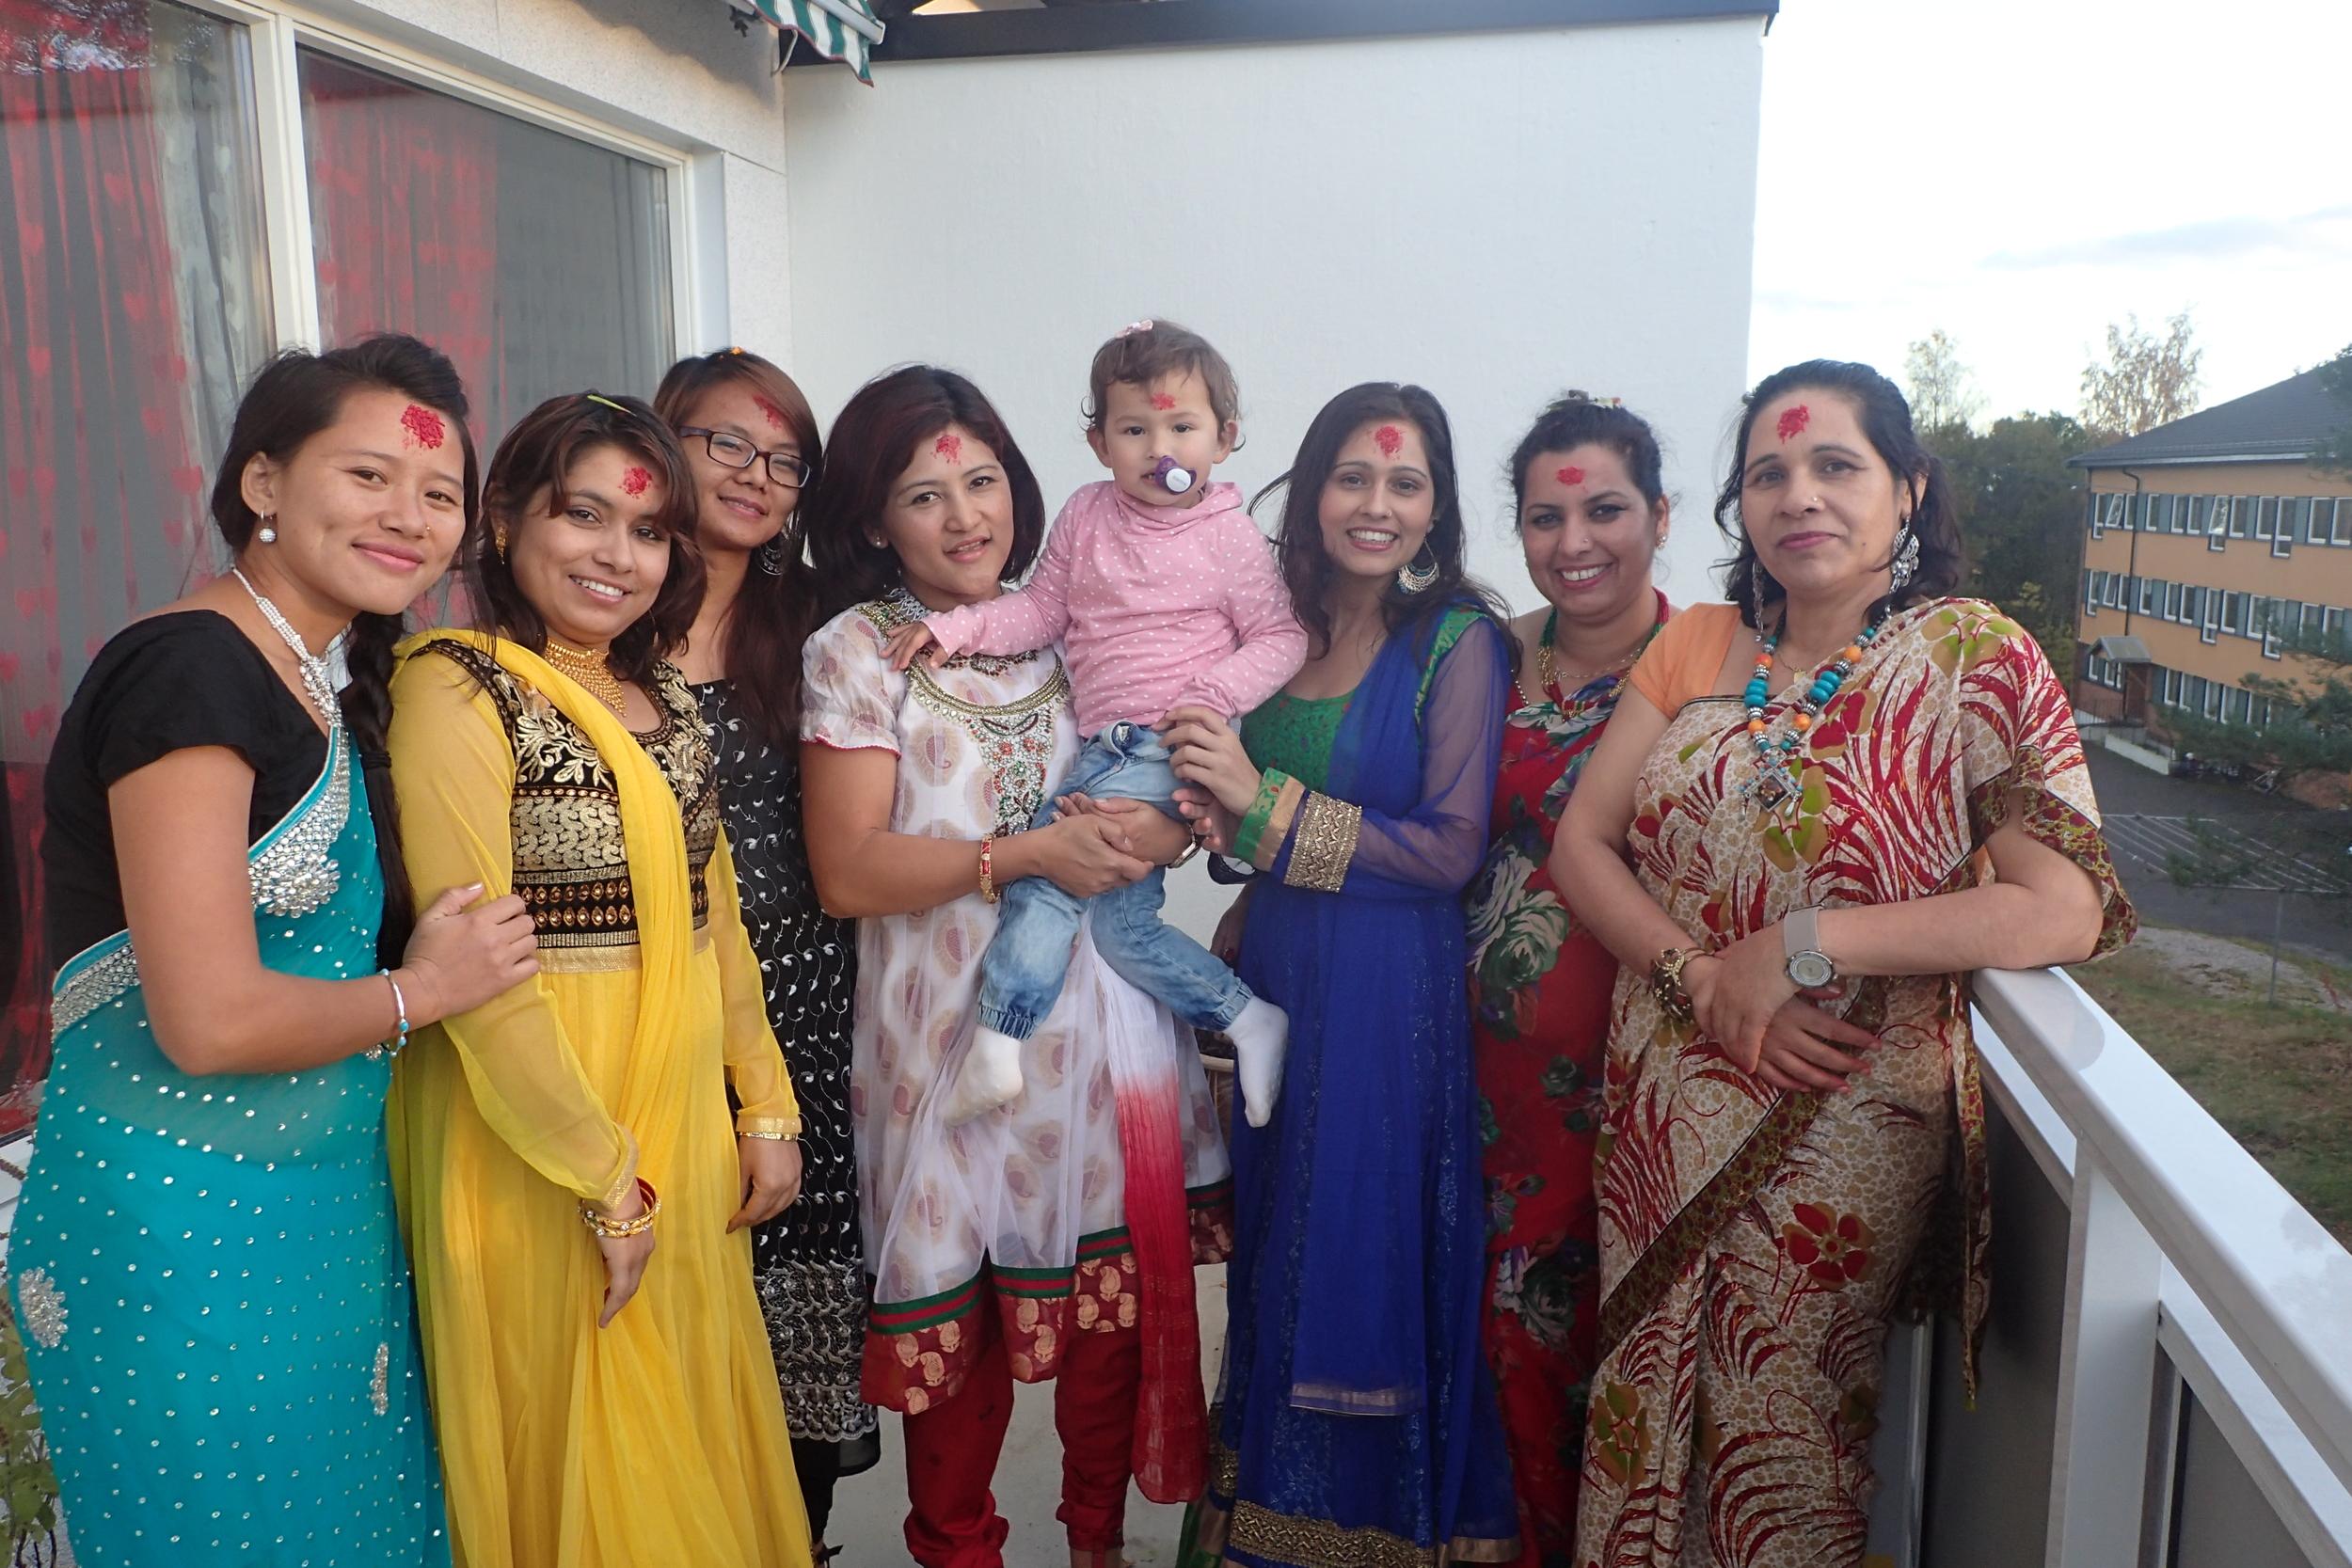 Nepali happy faces in Dashain festival